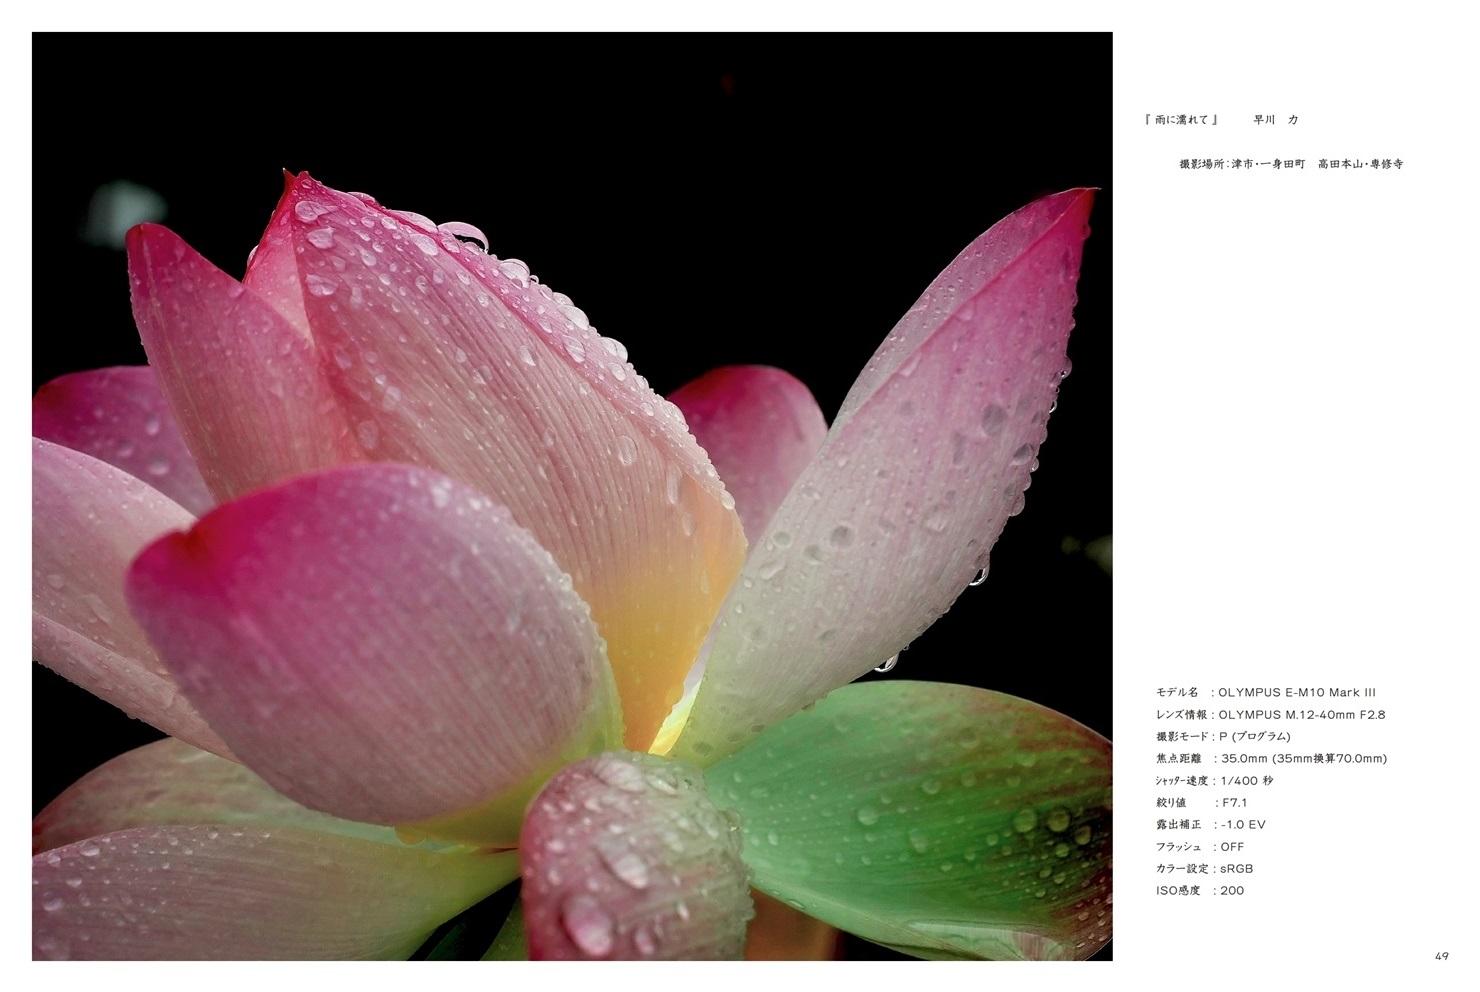 フォトブック 48ページ目